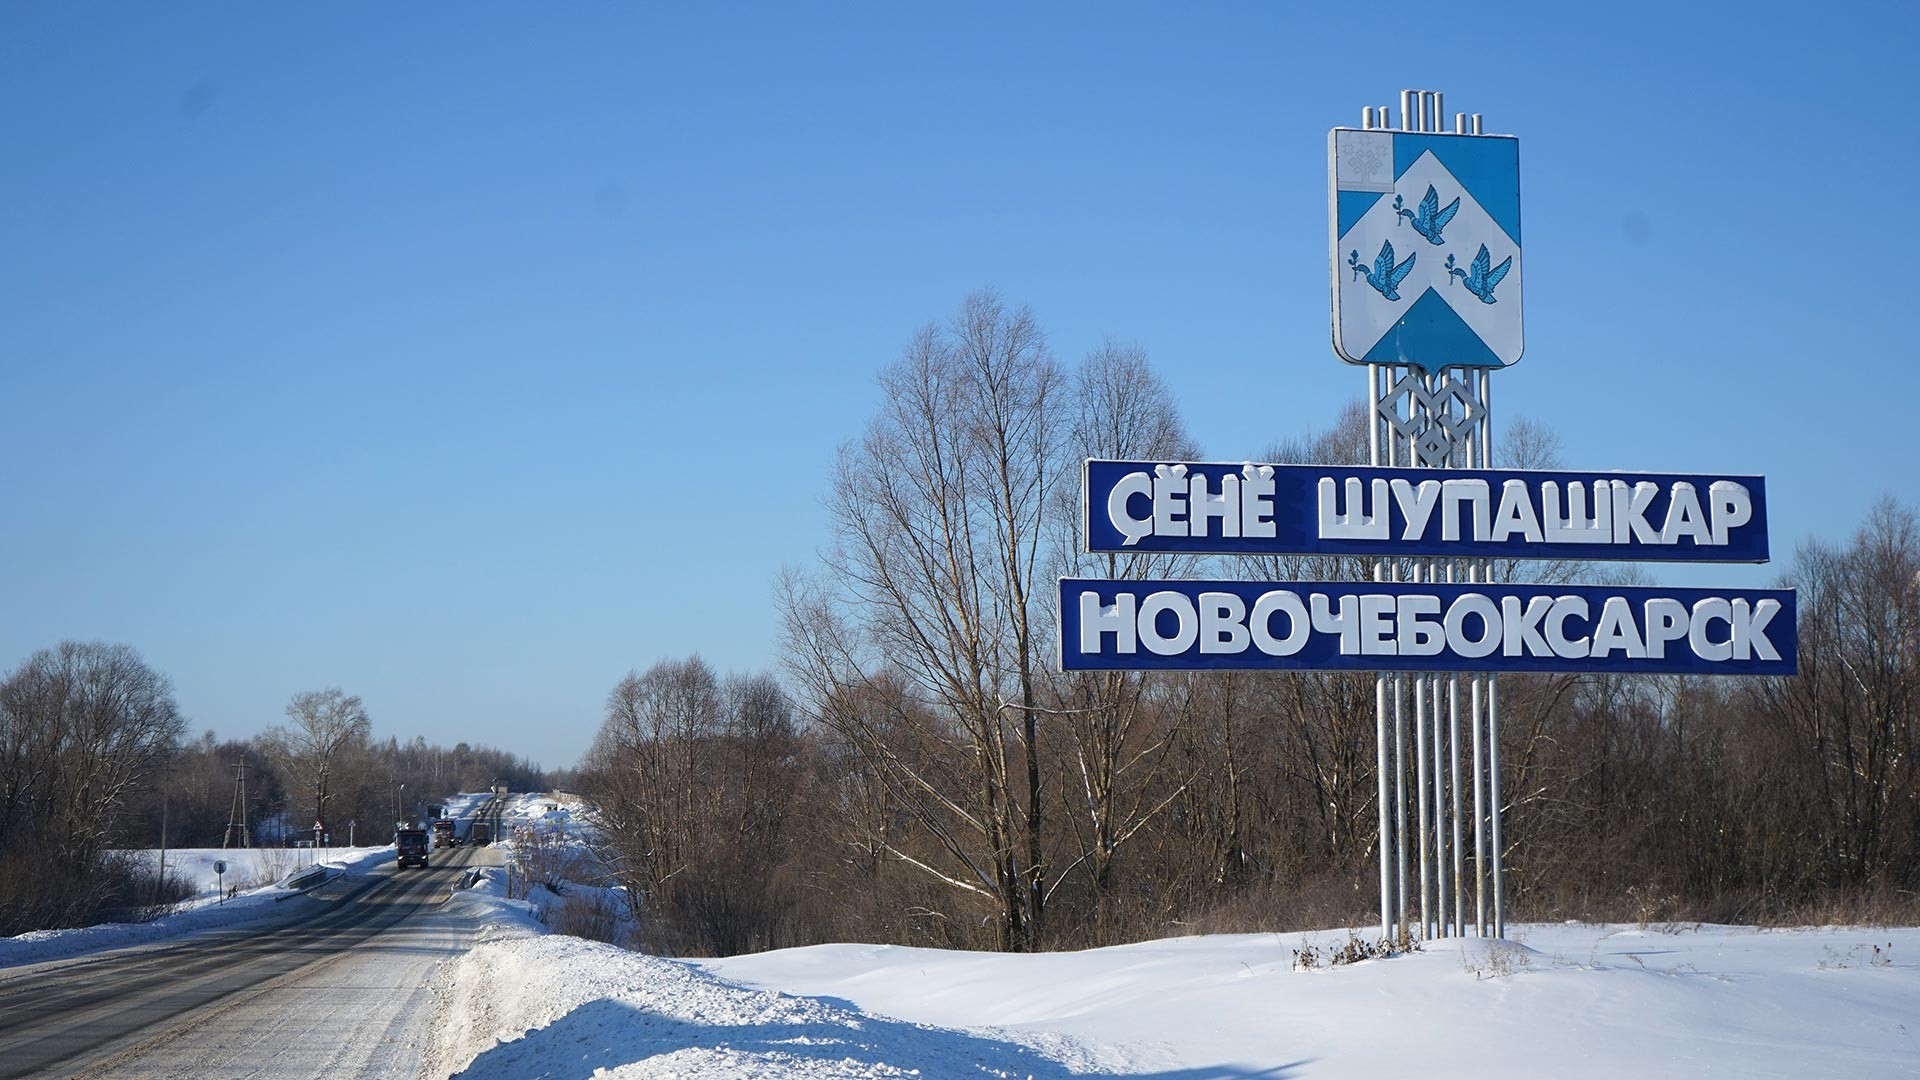 Республика Чувашия. Новочебоксарск. Въезд в город.